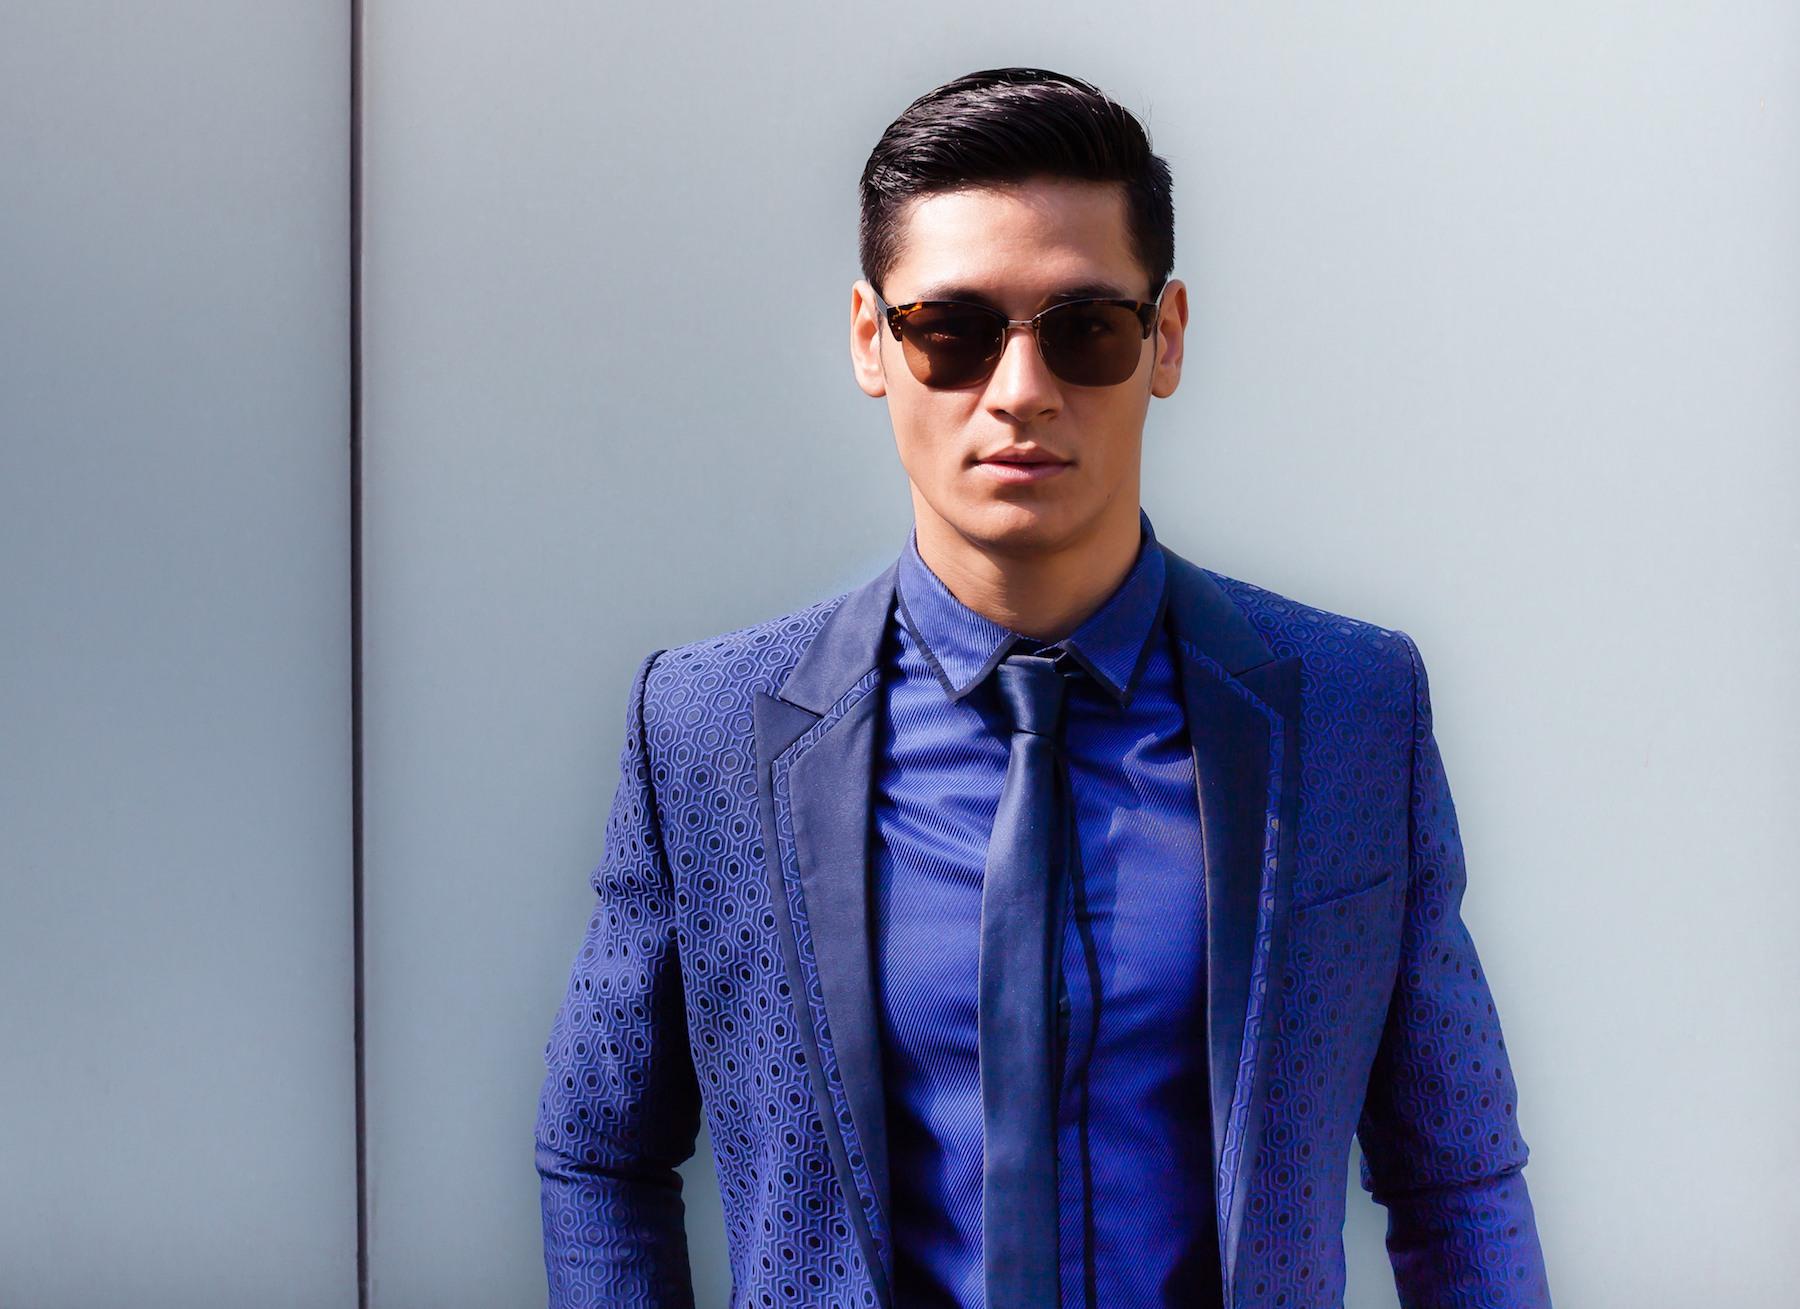 Pria asia dengan model rambut pompadour fade model rambut belah samping